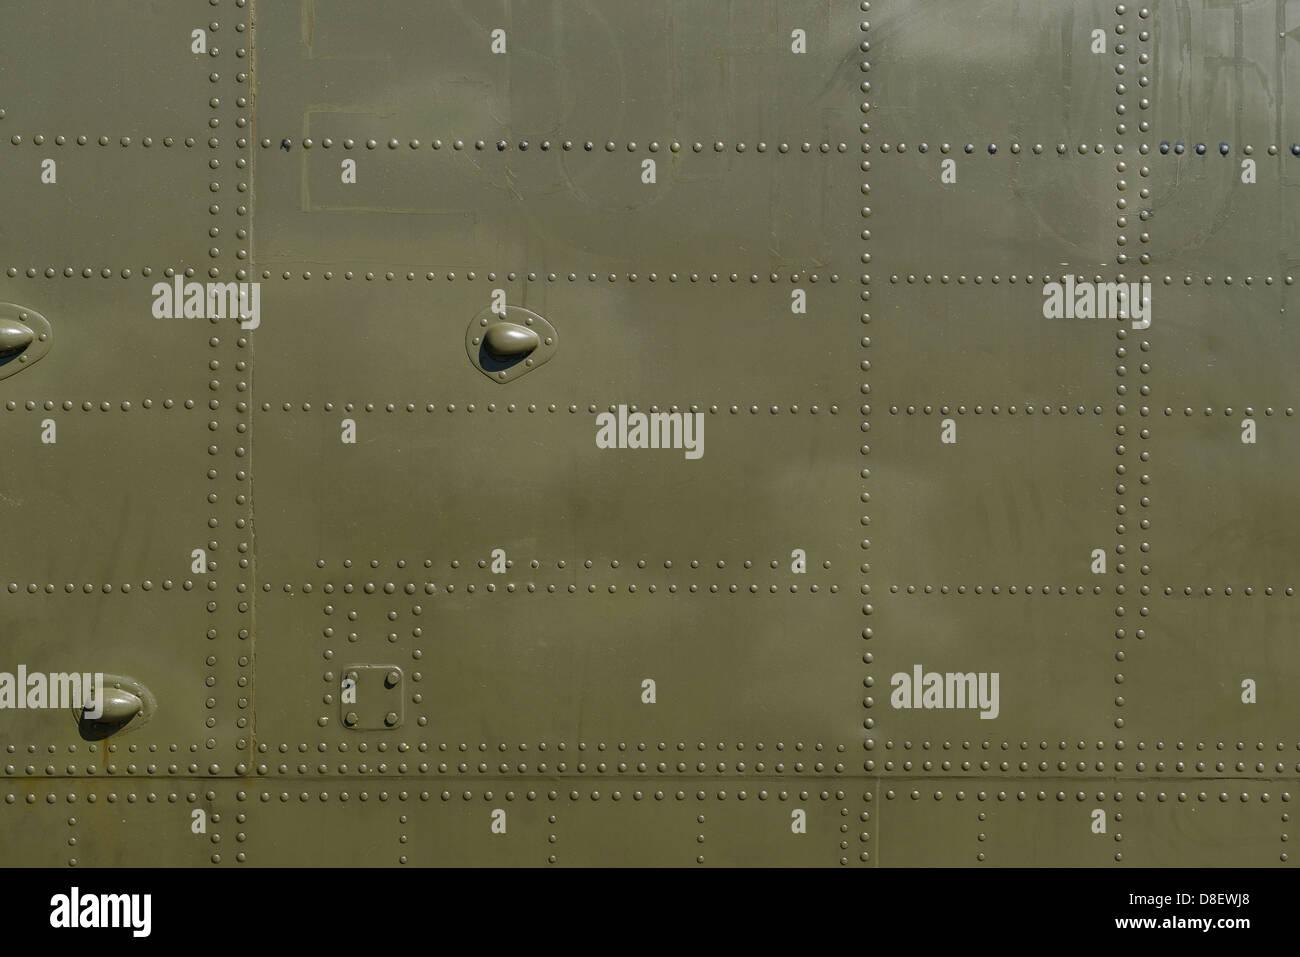 Militärische grüne Metall und Nieten-Details Stockbild